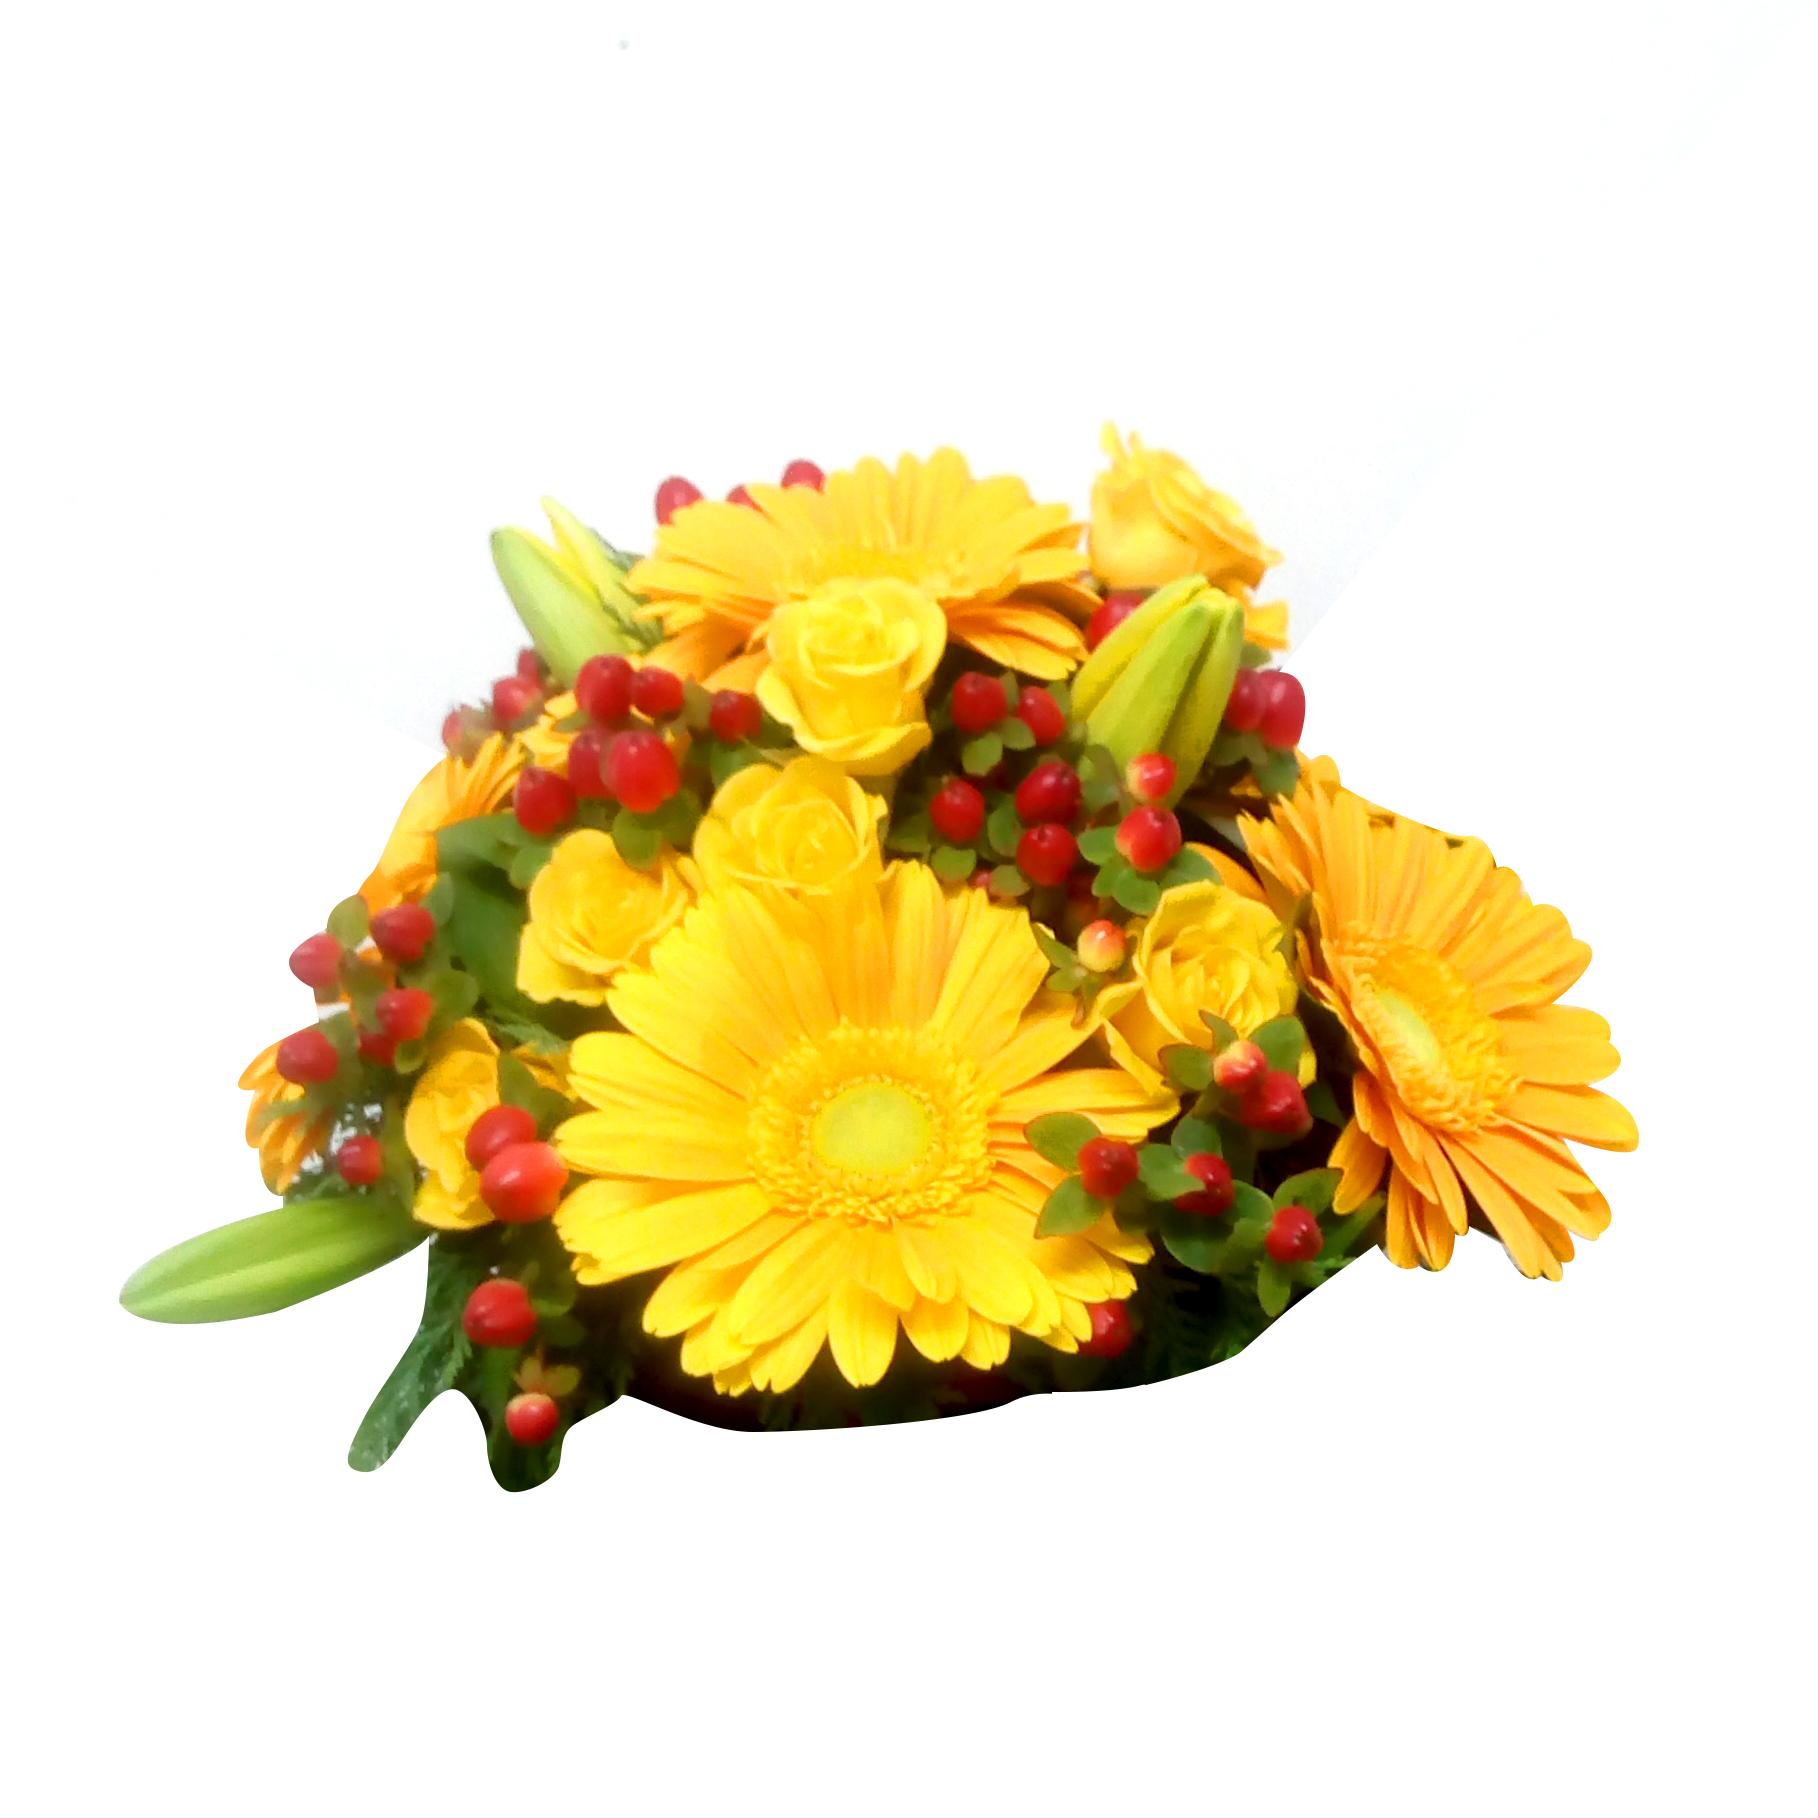 Canastillos con Mini rosas, Gerberas y Lilium